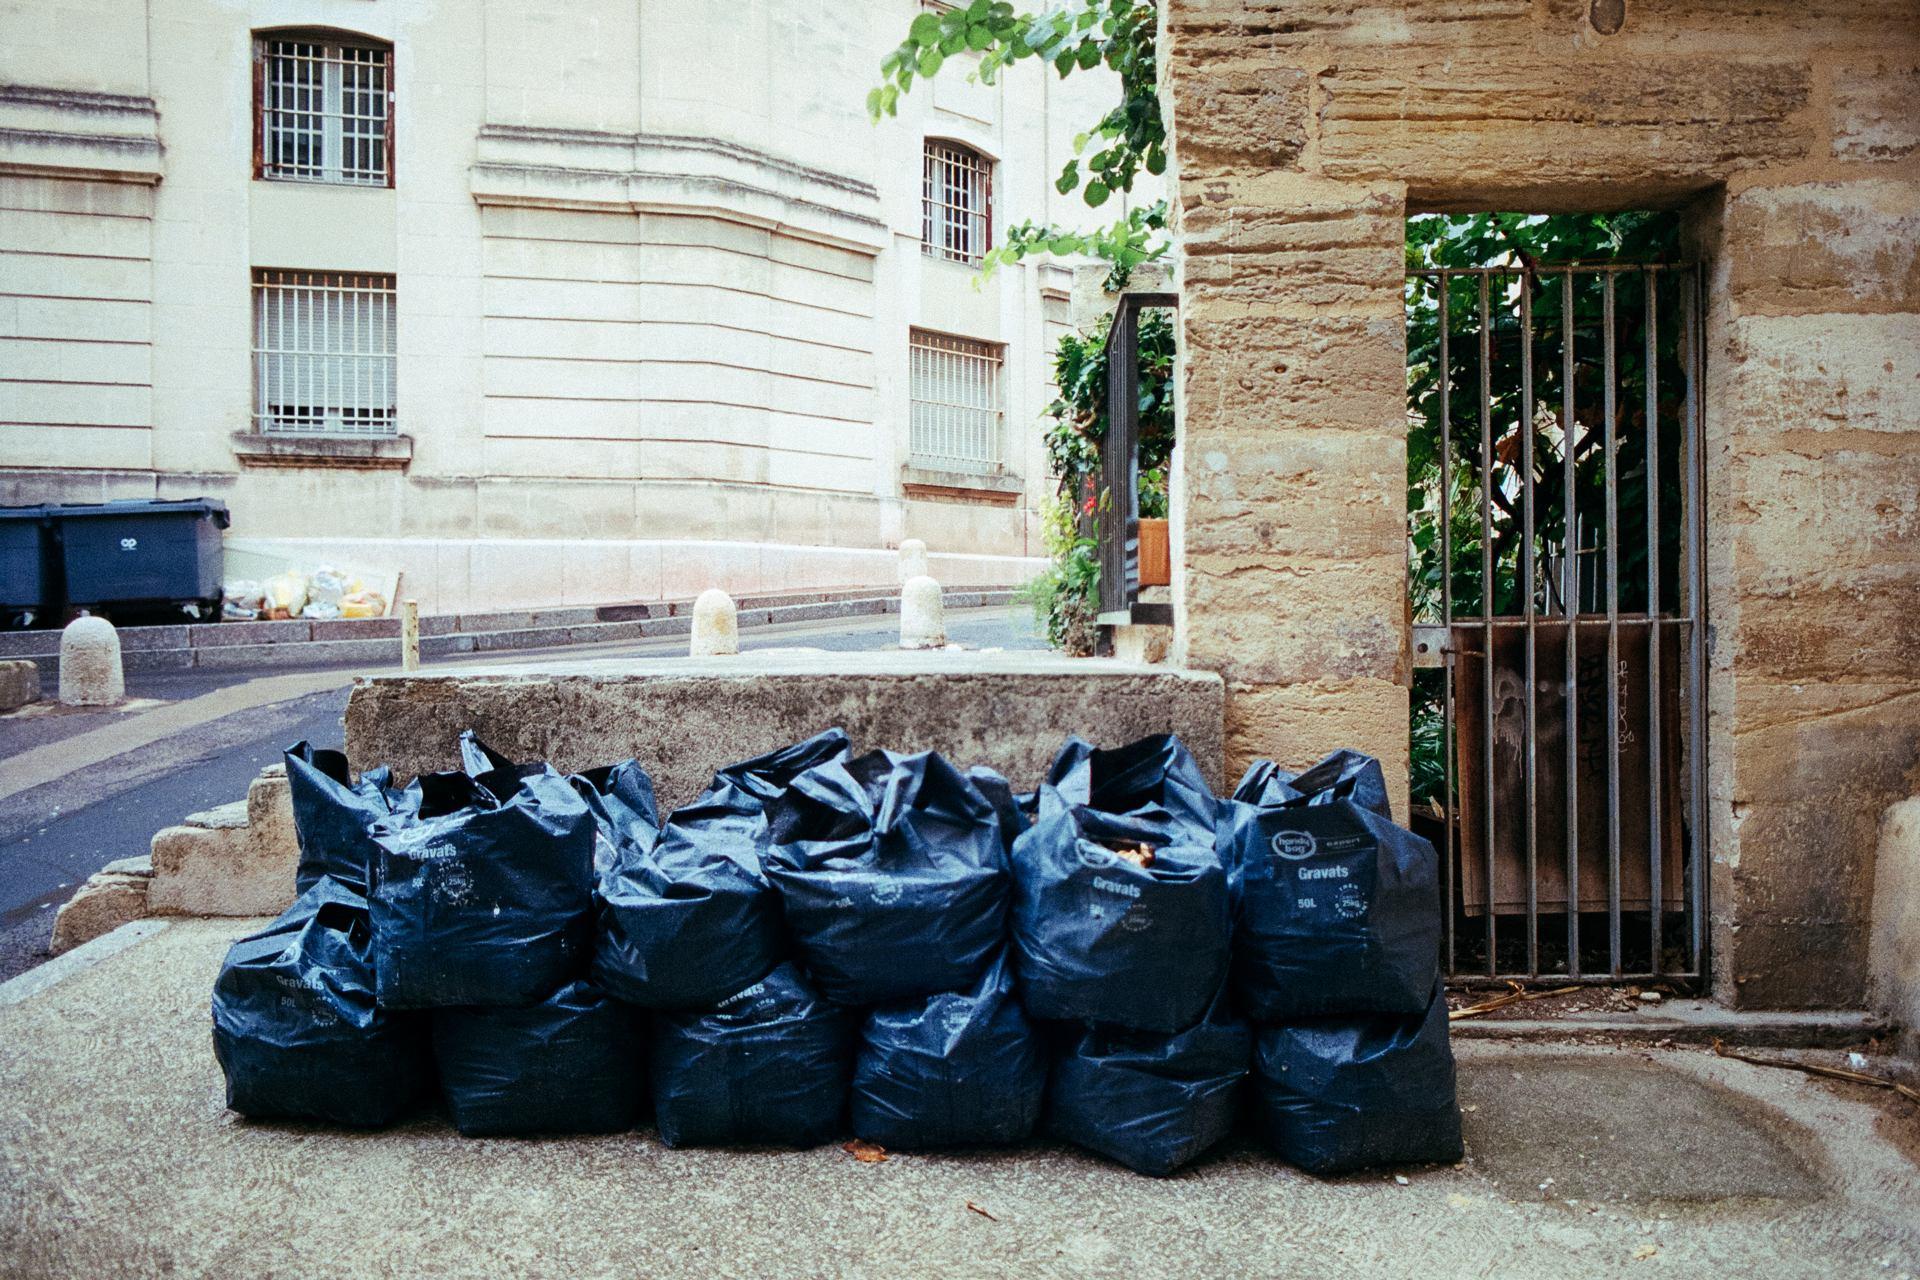 Poubelles, Environs Montpellier, 2012